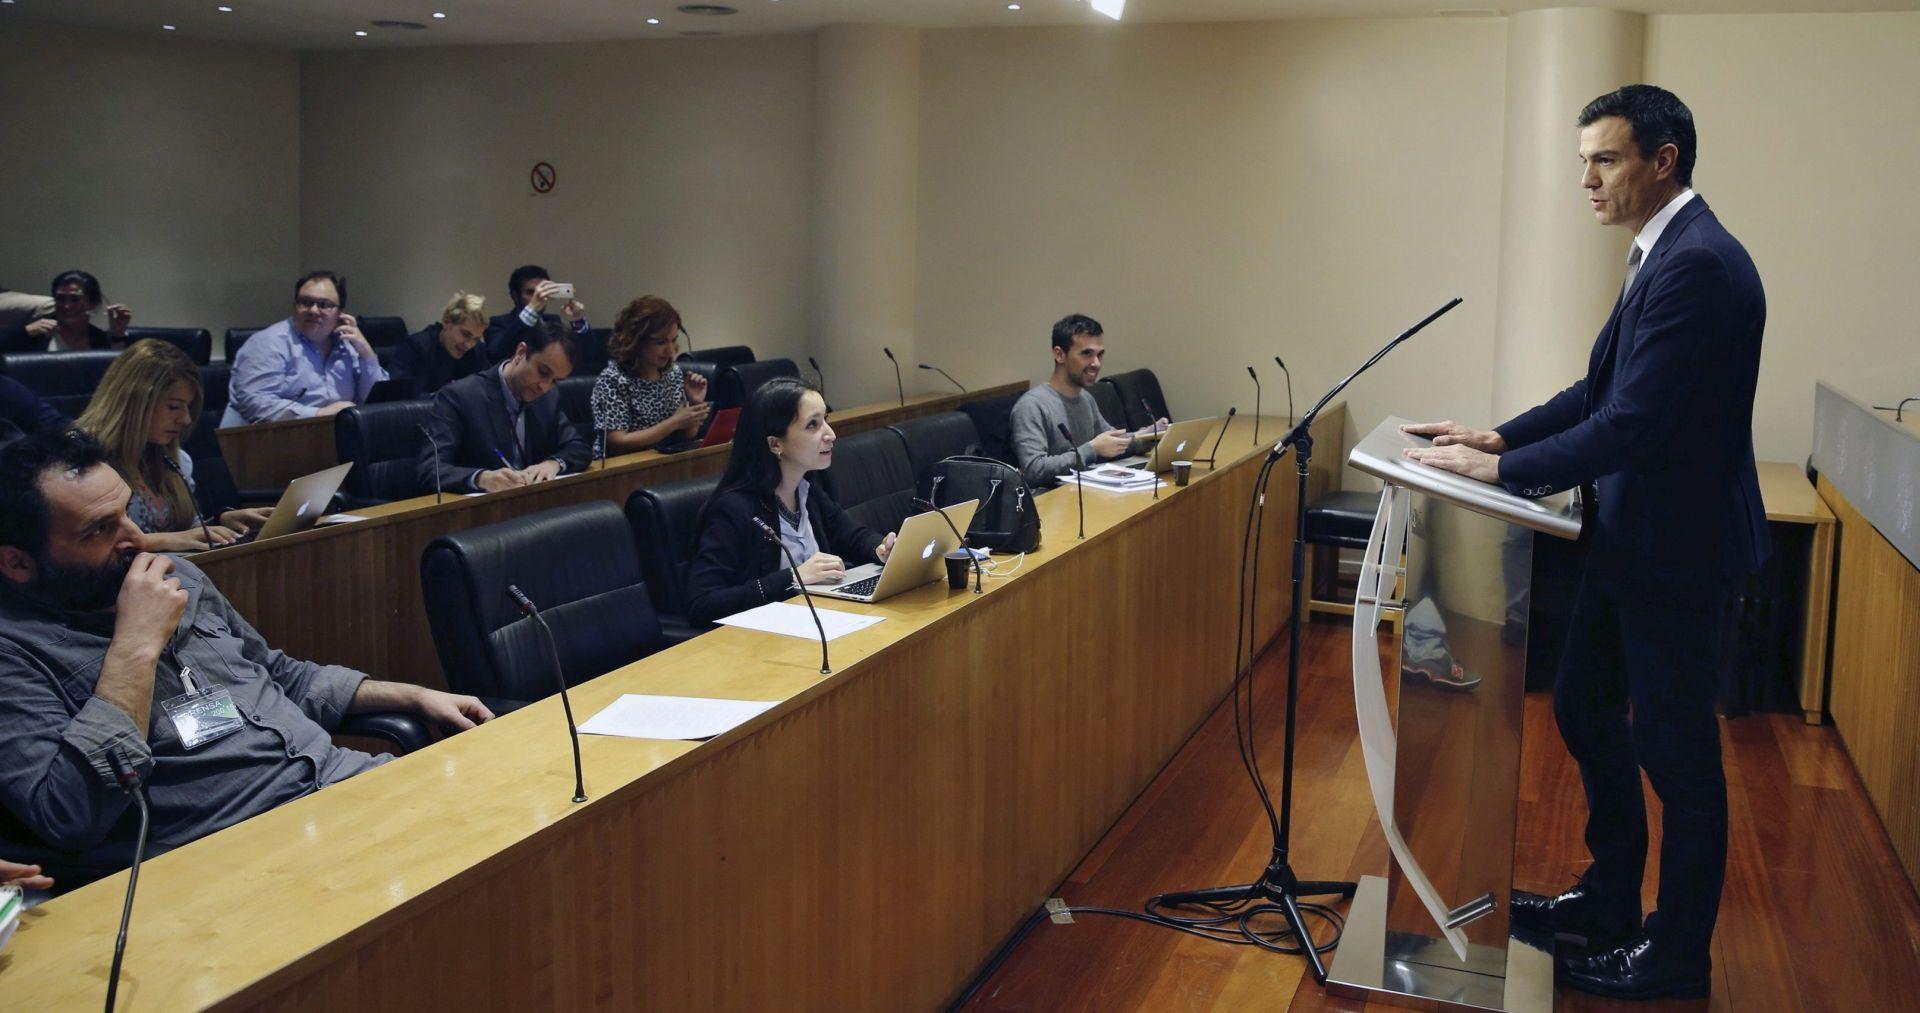 ŠPANJOLSKA VLADA: Podemos uvjetuje formiranje vlade izbacivanjem Građana iz pregovora